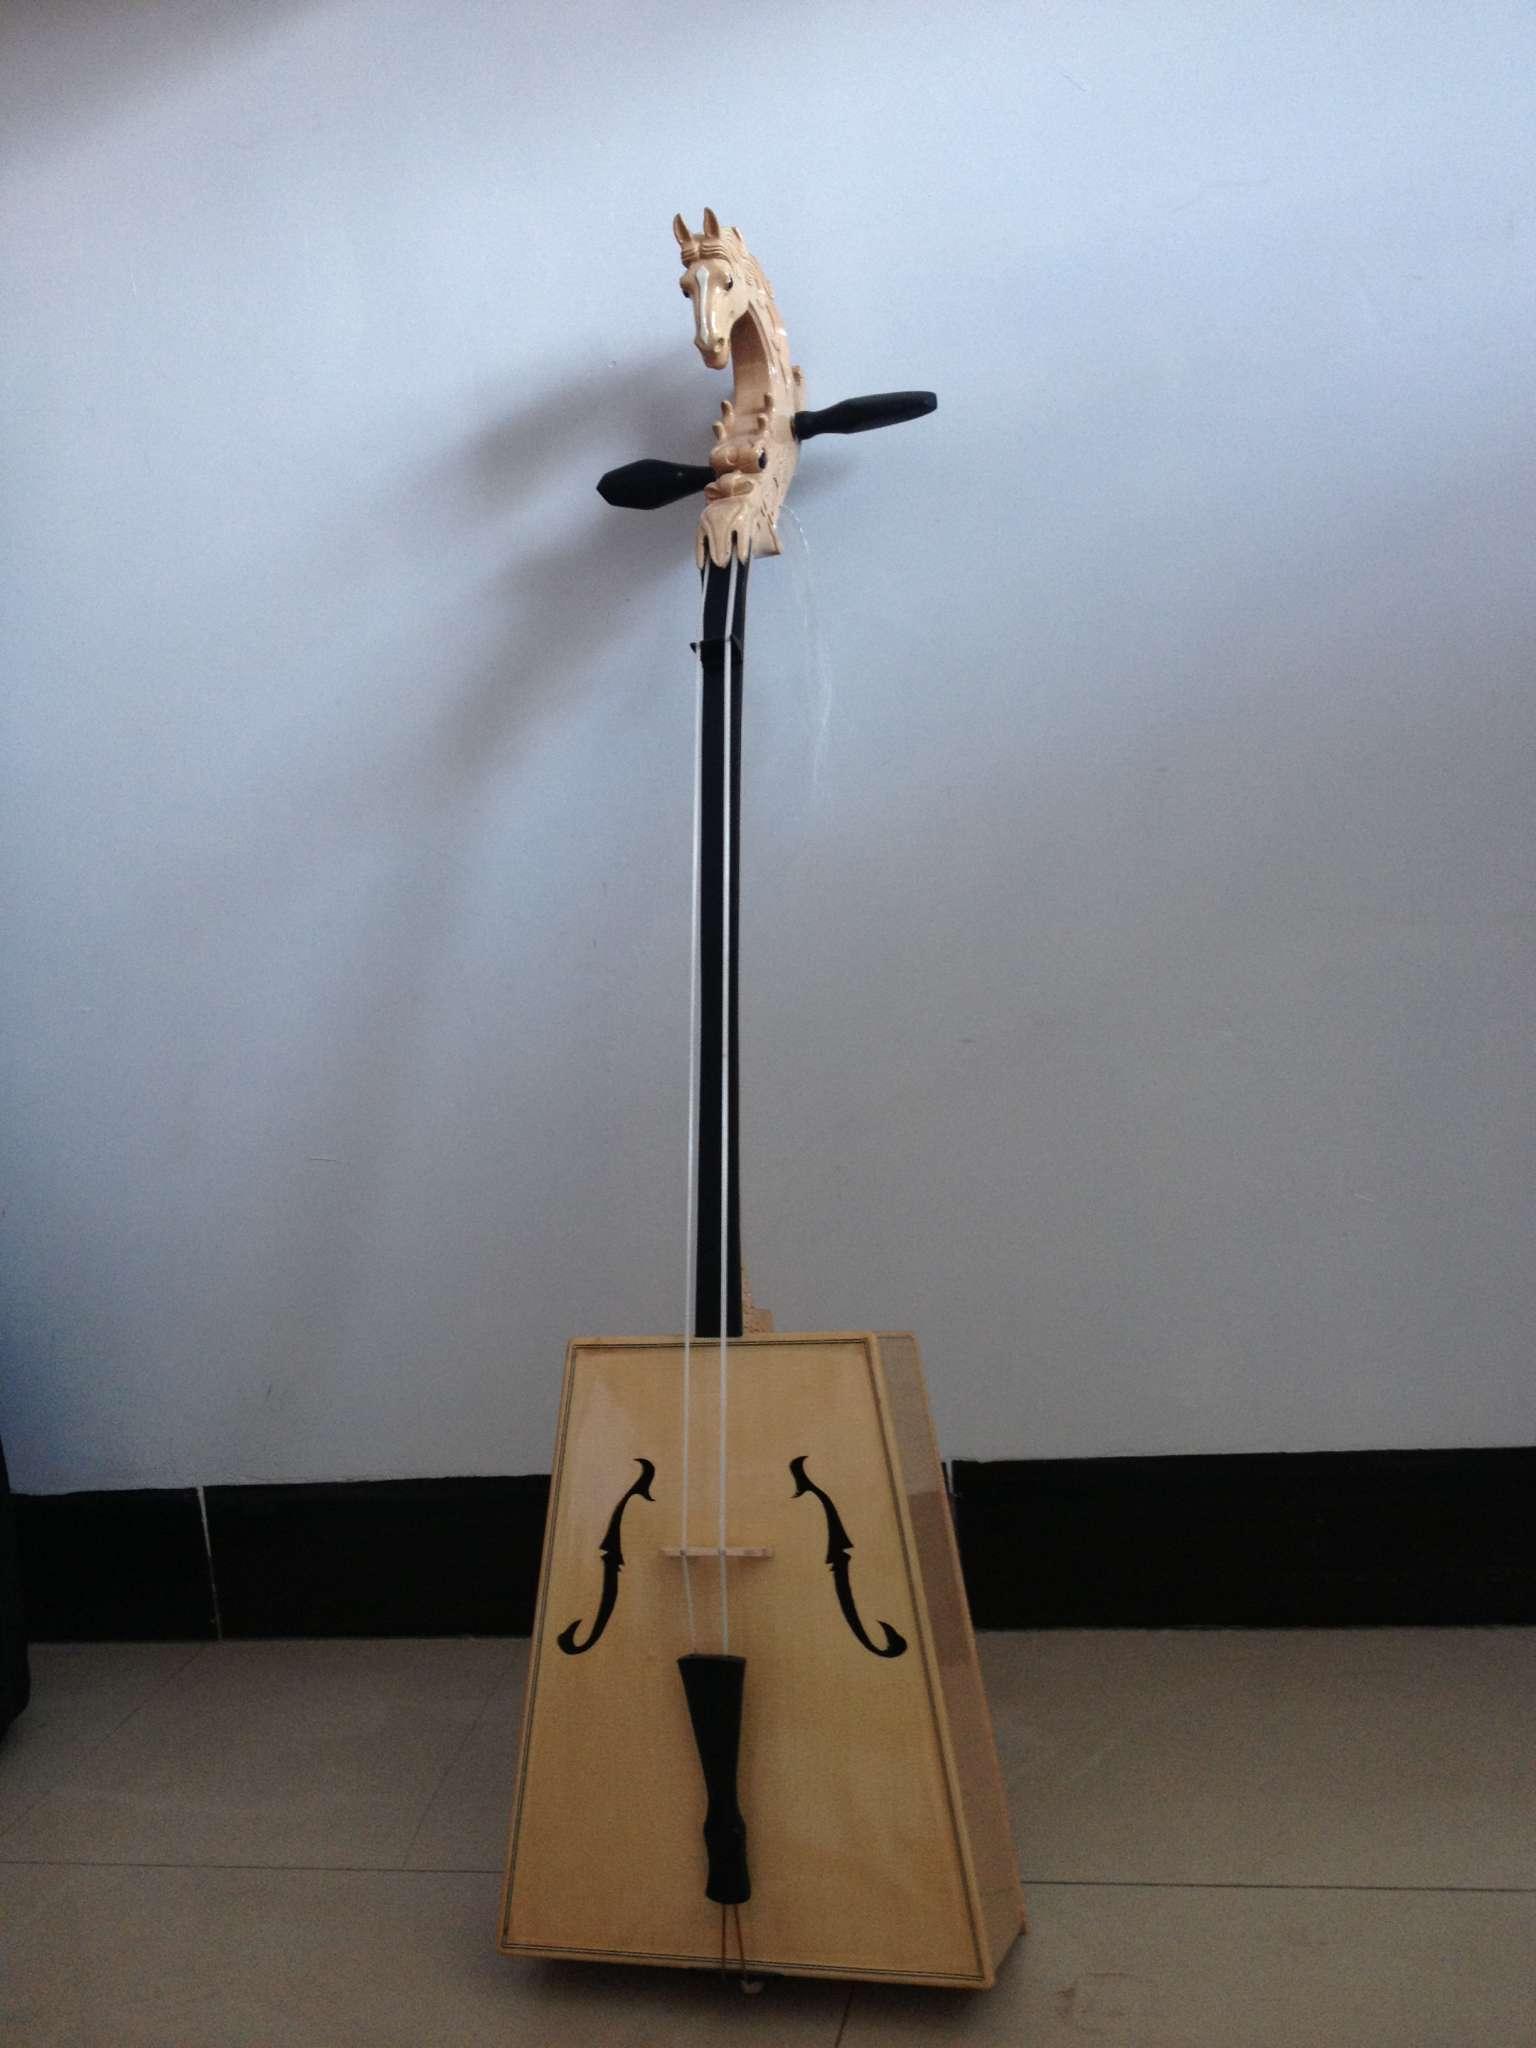 高档龙头马头琴2 - 呼和浩特市天马民族乐器厂图片